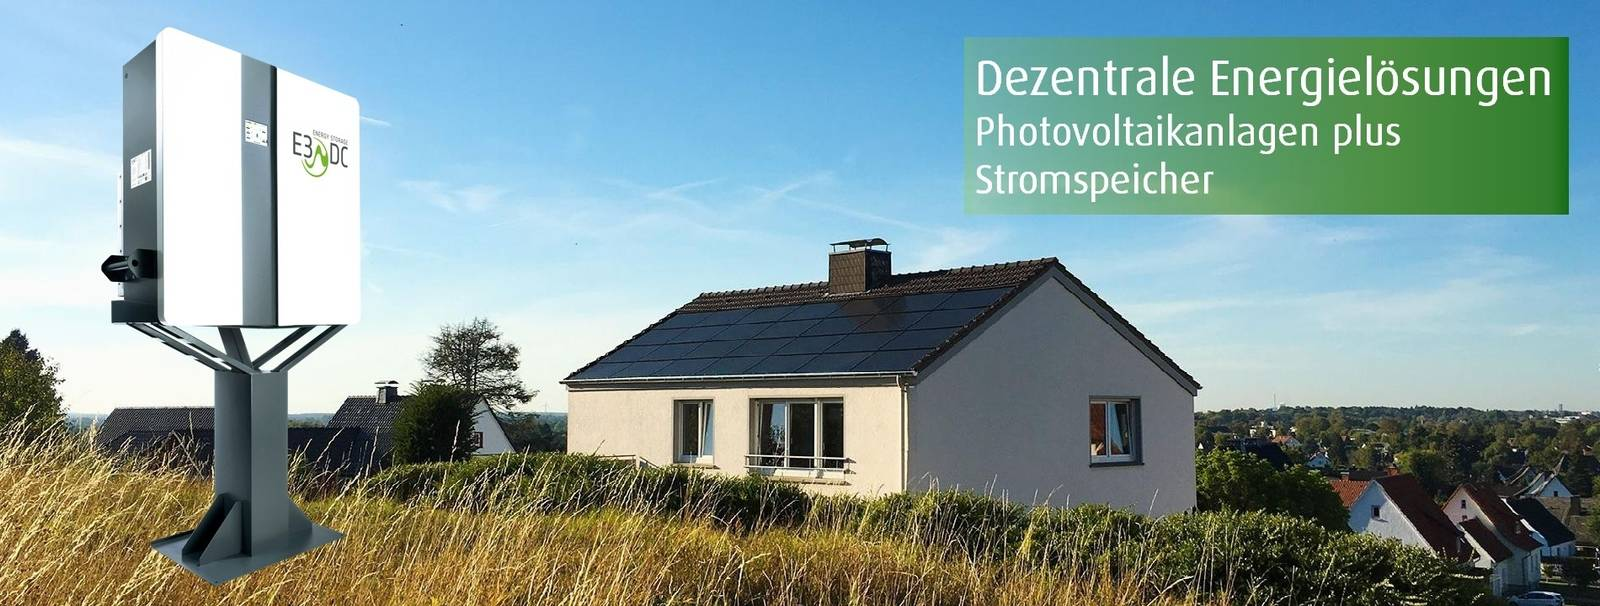 Versicherungsmakler vermitteln Photovoltaik und Stromspeicher